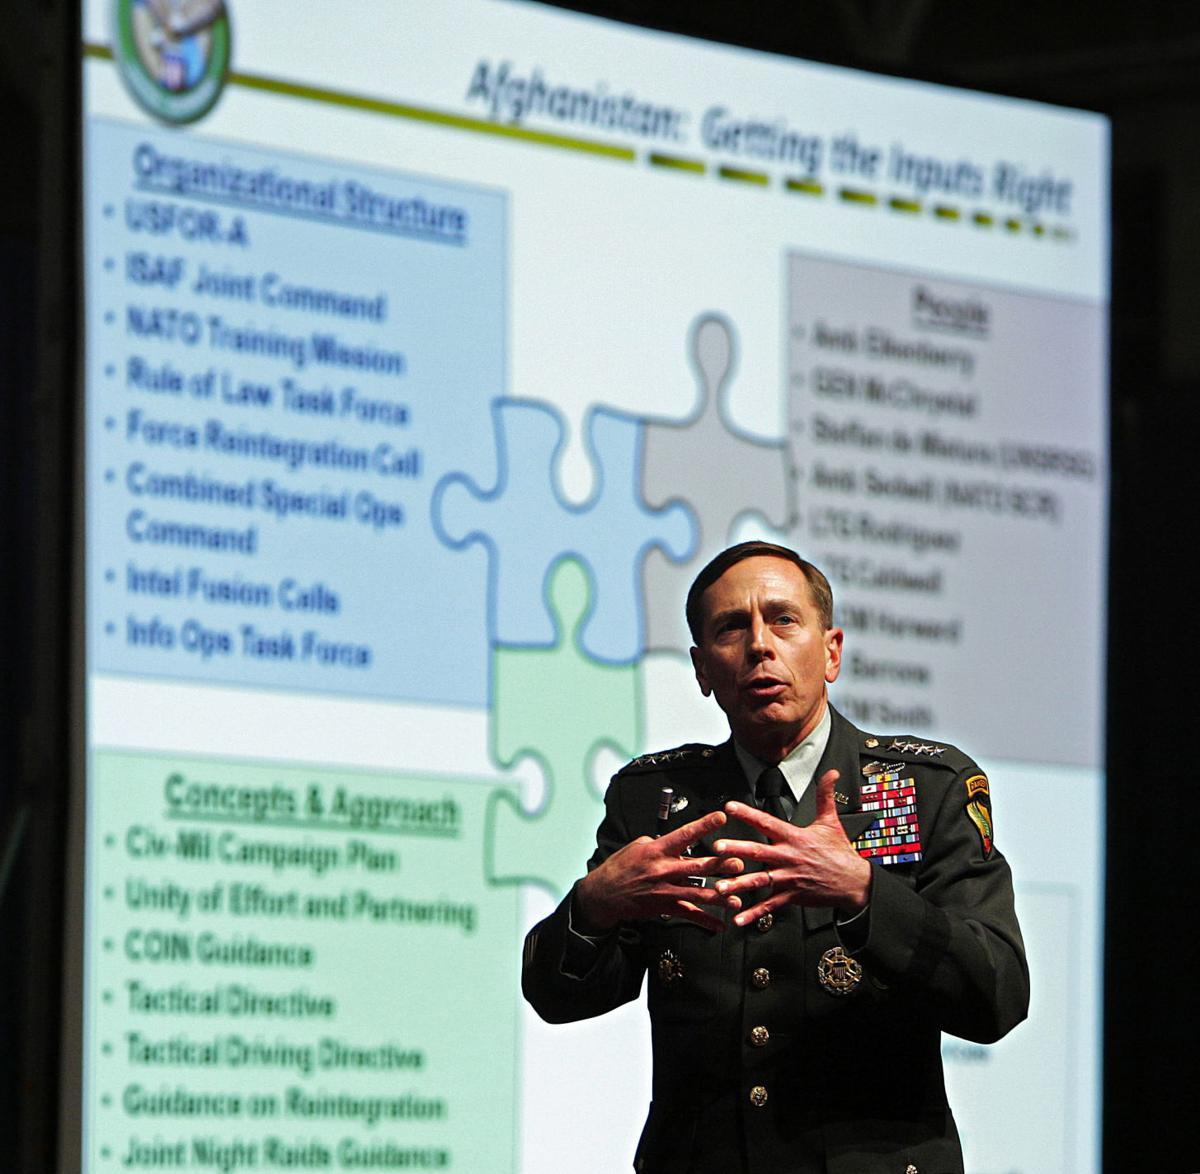 Citadel honors Petraeus